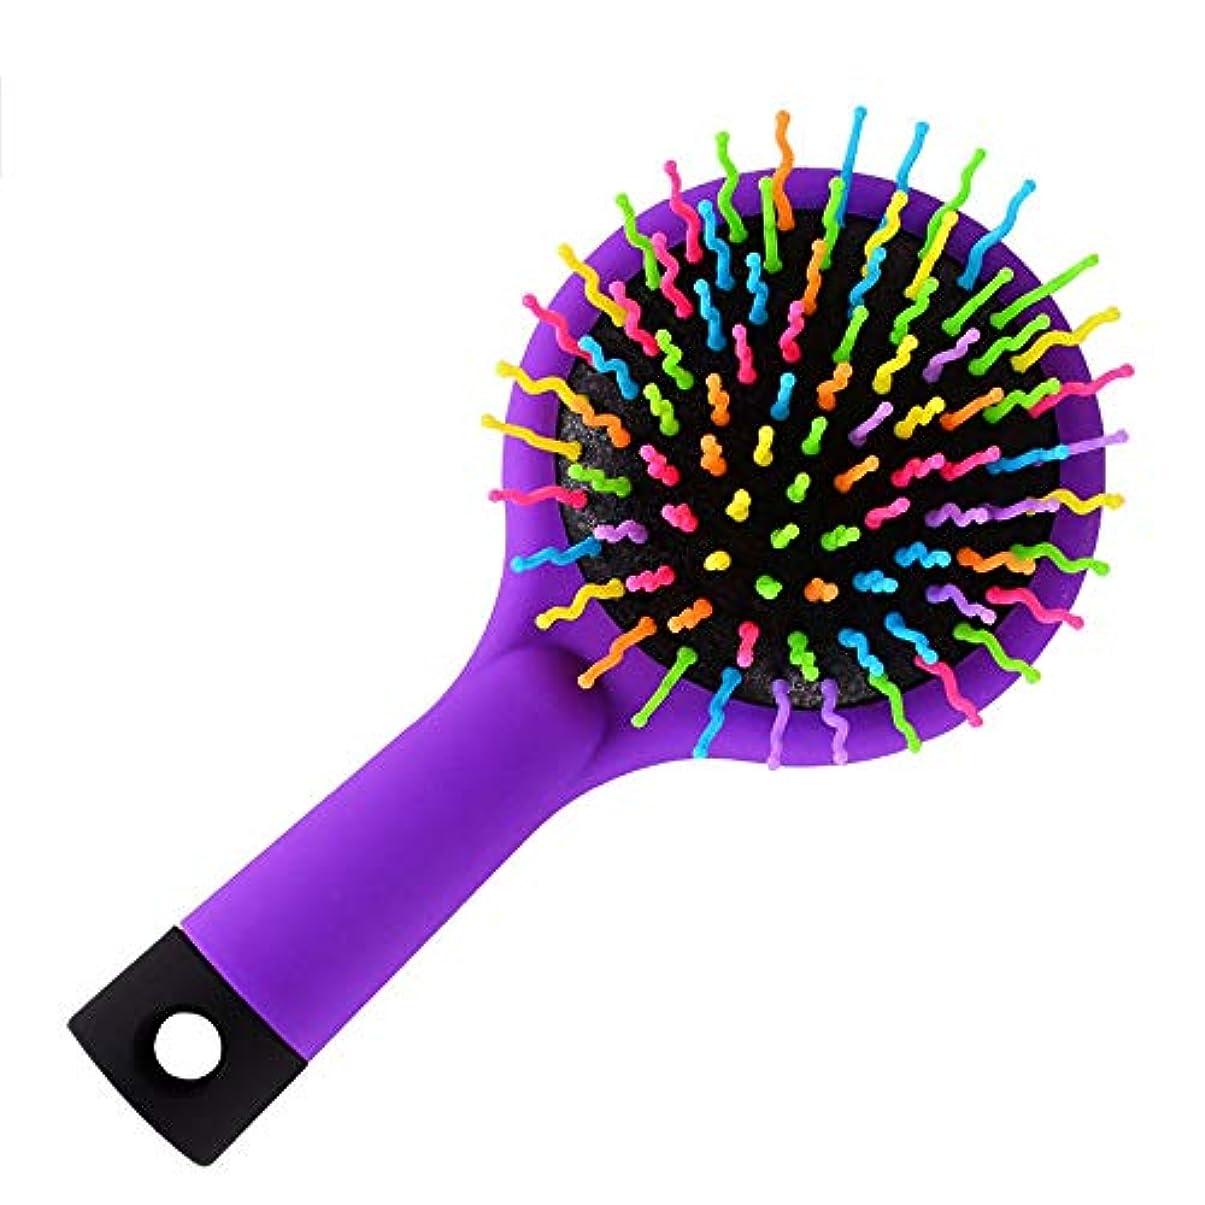 代替任命する見物人ミラー付きヘアブラシSカーブボール付きエアボリュームパドルヘアブラシ、フレキシブルクッションベース、ウェットまたはドライヘア、キッズアダルト,Purple